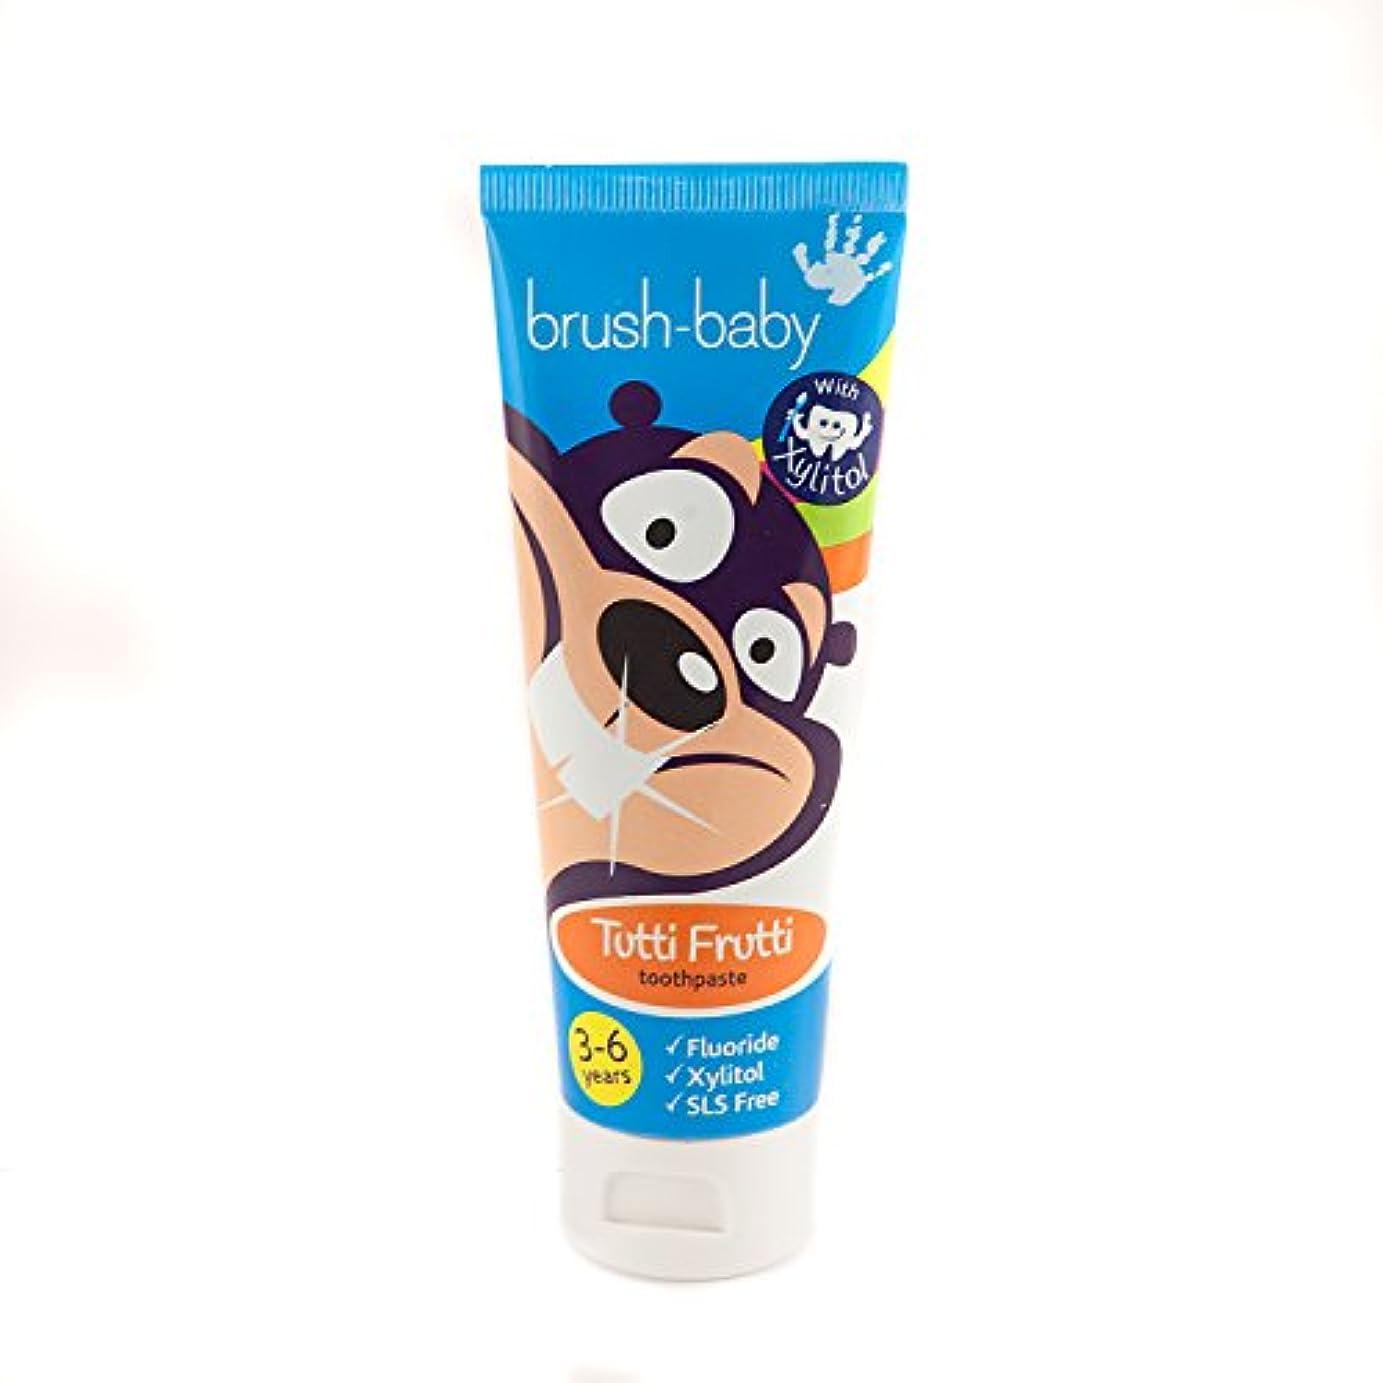 ウェイター伴うダイヤルBrush-Baby Children's Tutti Frutti Toothpaste 3-6 years (50ml) tube by Brush-Baby - ブラシ - ベビーチルドレンズフルーティの歯磨き粉3-6年(50ml)チューブbyブラシ - ベビー